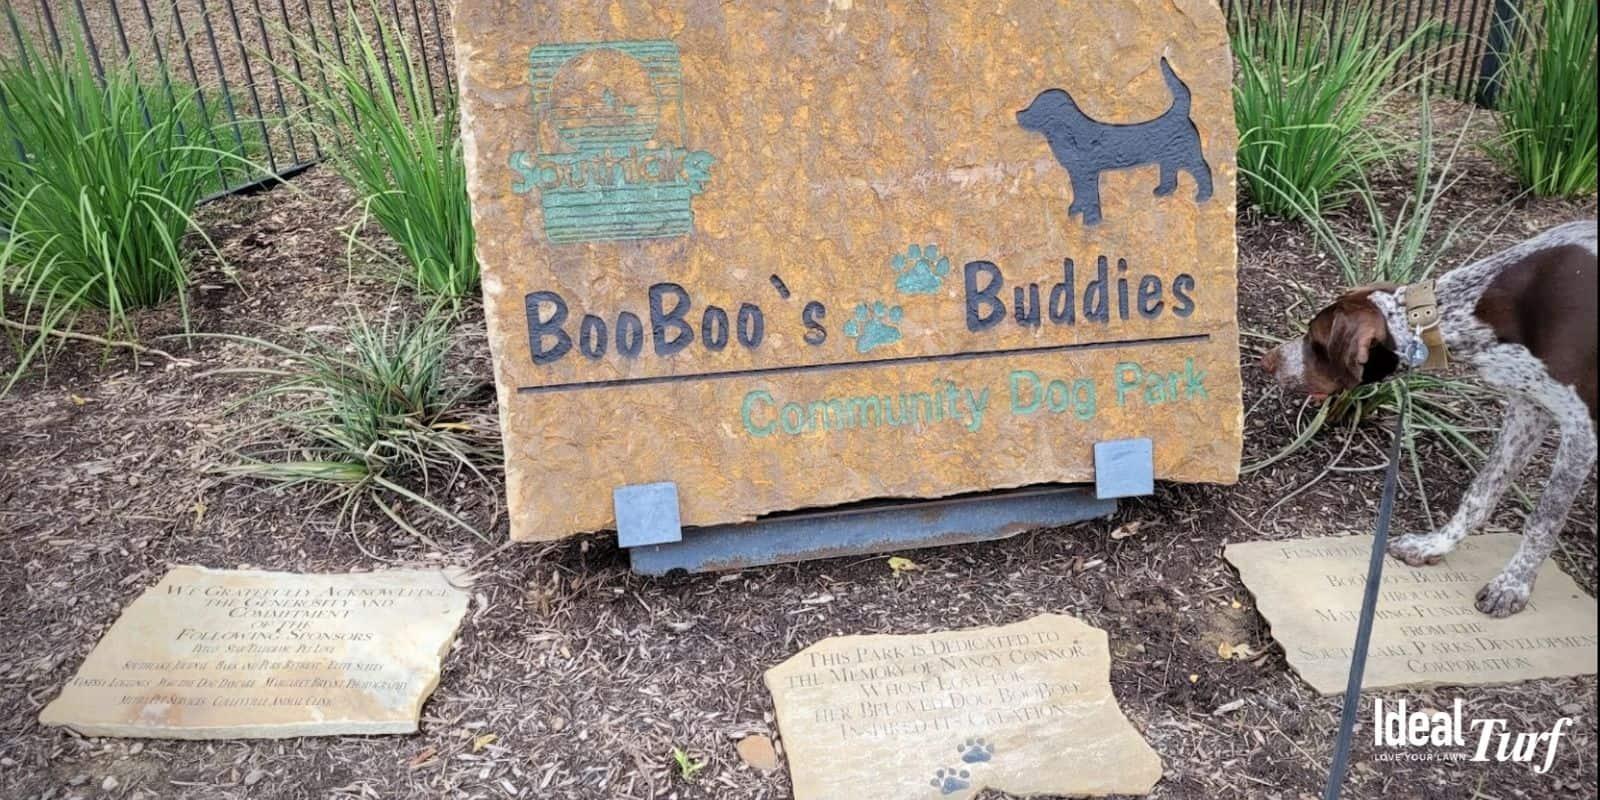 Boo Boos Buddies Dog Park